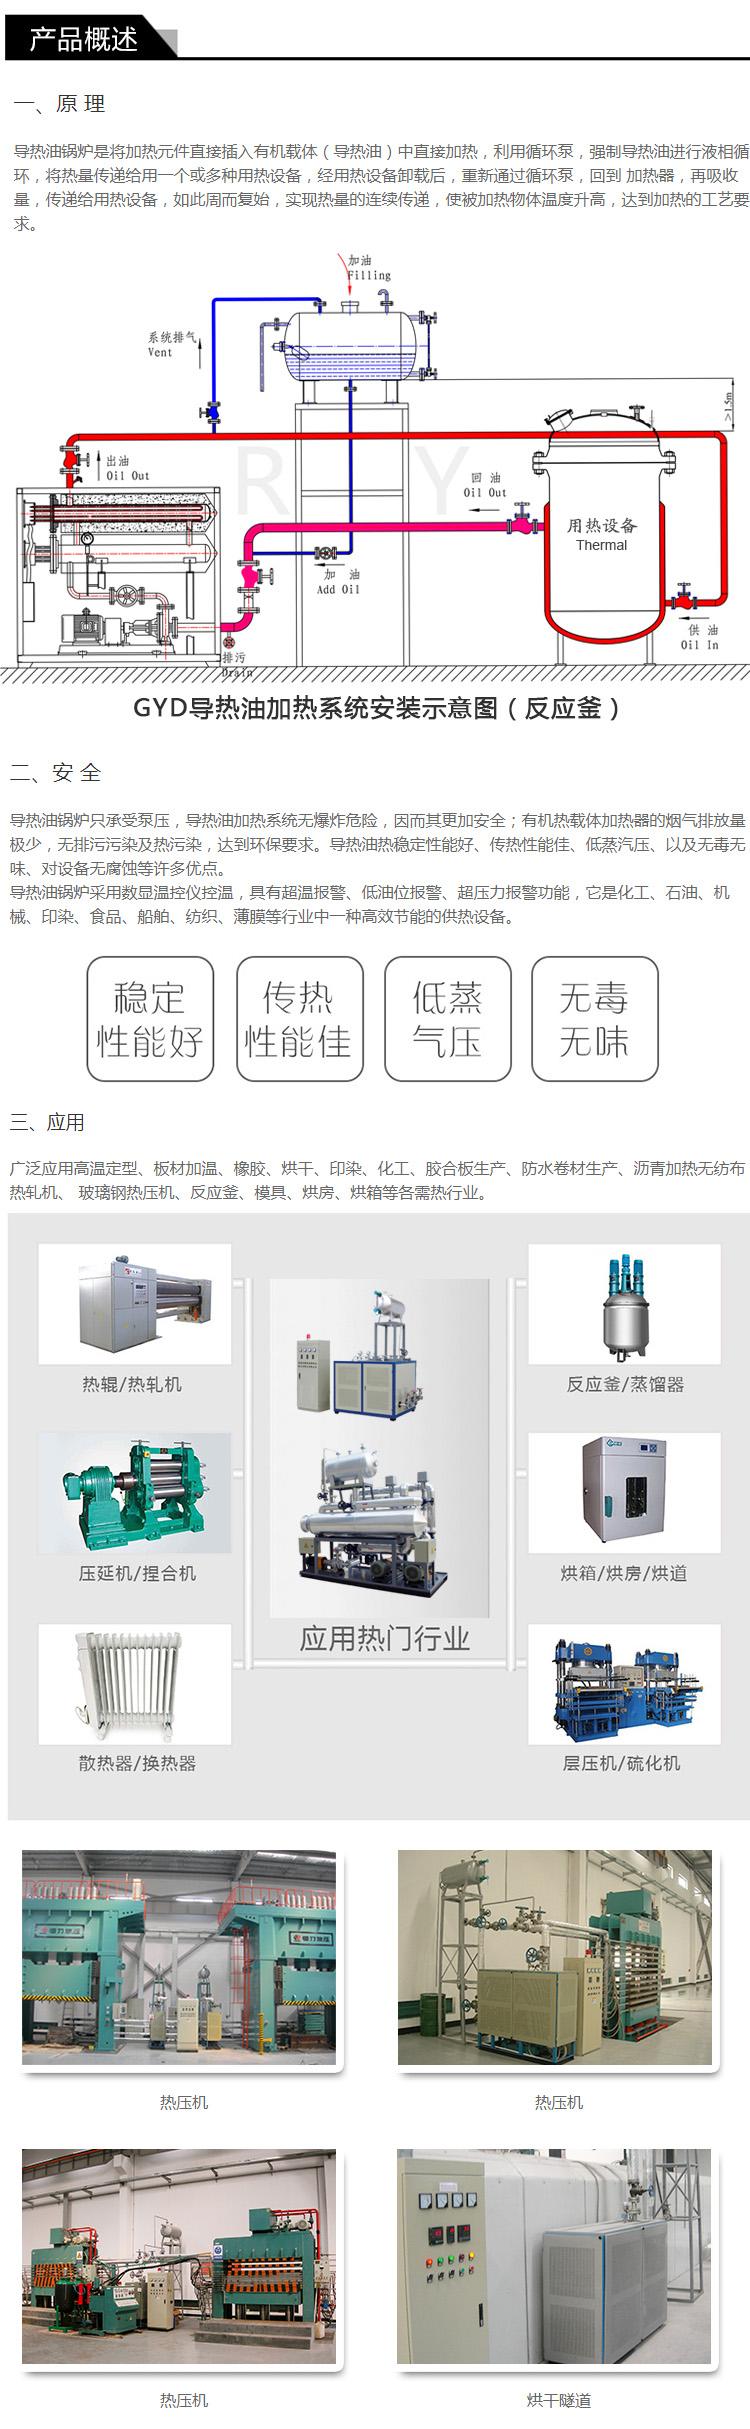 江苏瑞源厂家供应医药行业反应釜加热电加热导热油炉79014215